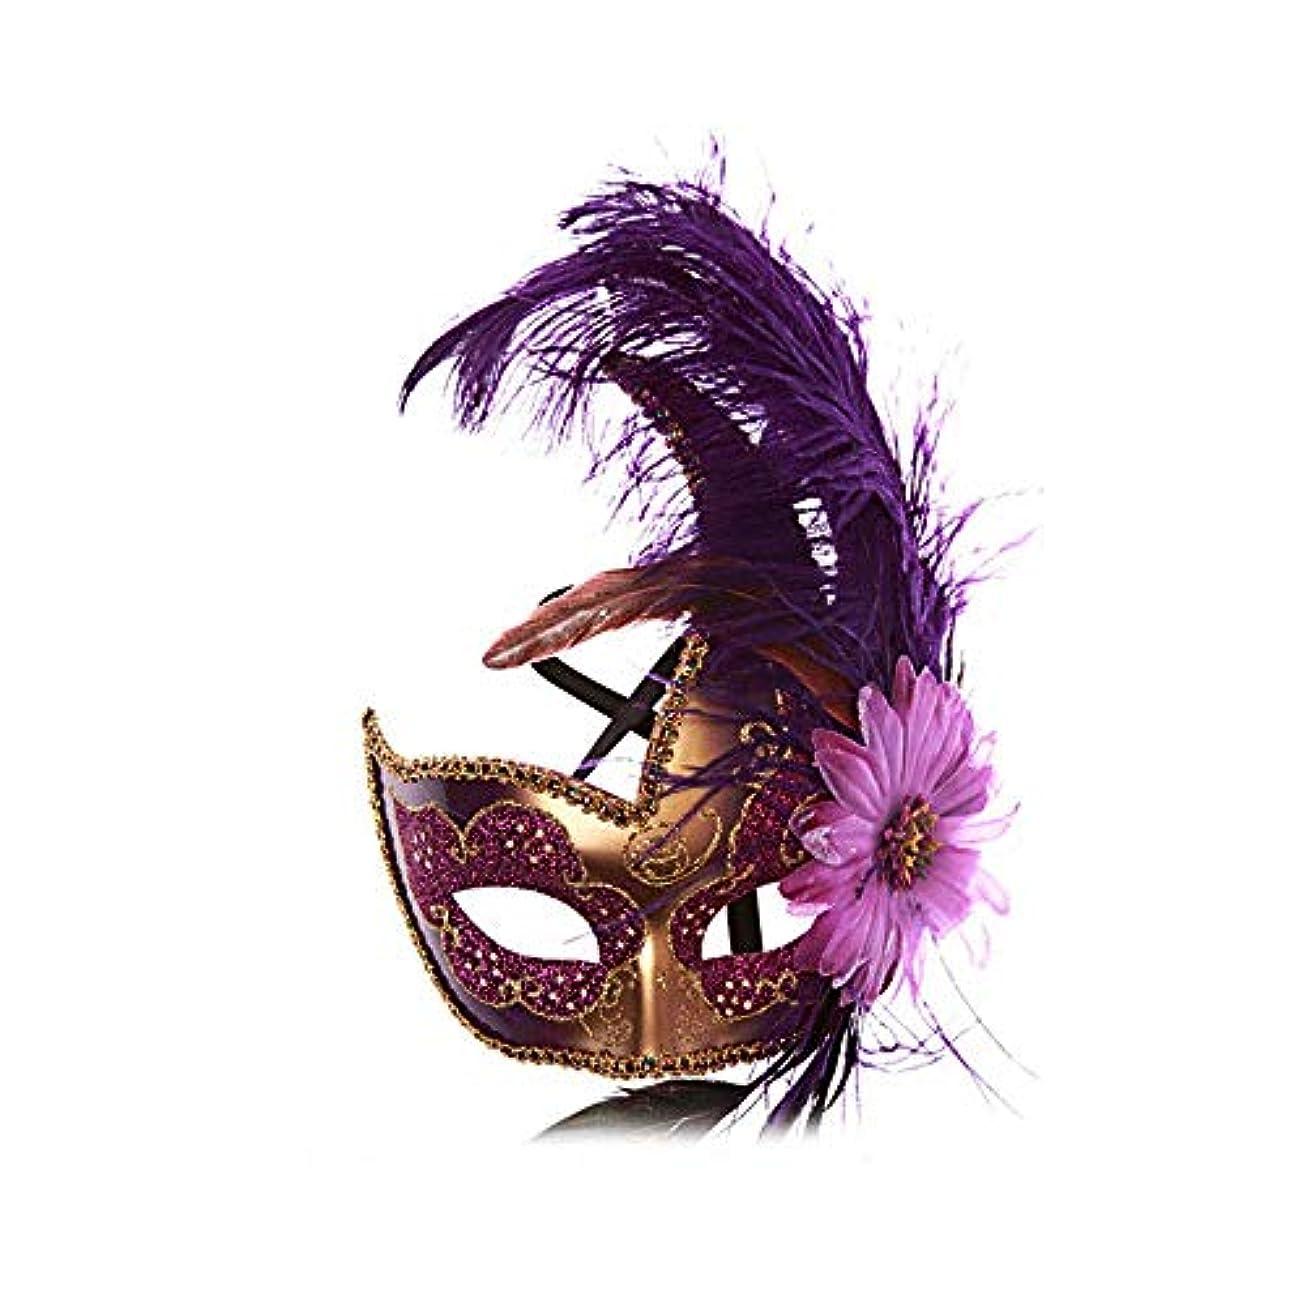 しかし米ドル知恵Nanle ハロウィンマスクハーフフェザーマスクベニスプリンセスマスク美容レース仮面ライダーコスプレ (色 : Style B purple)